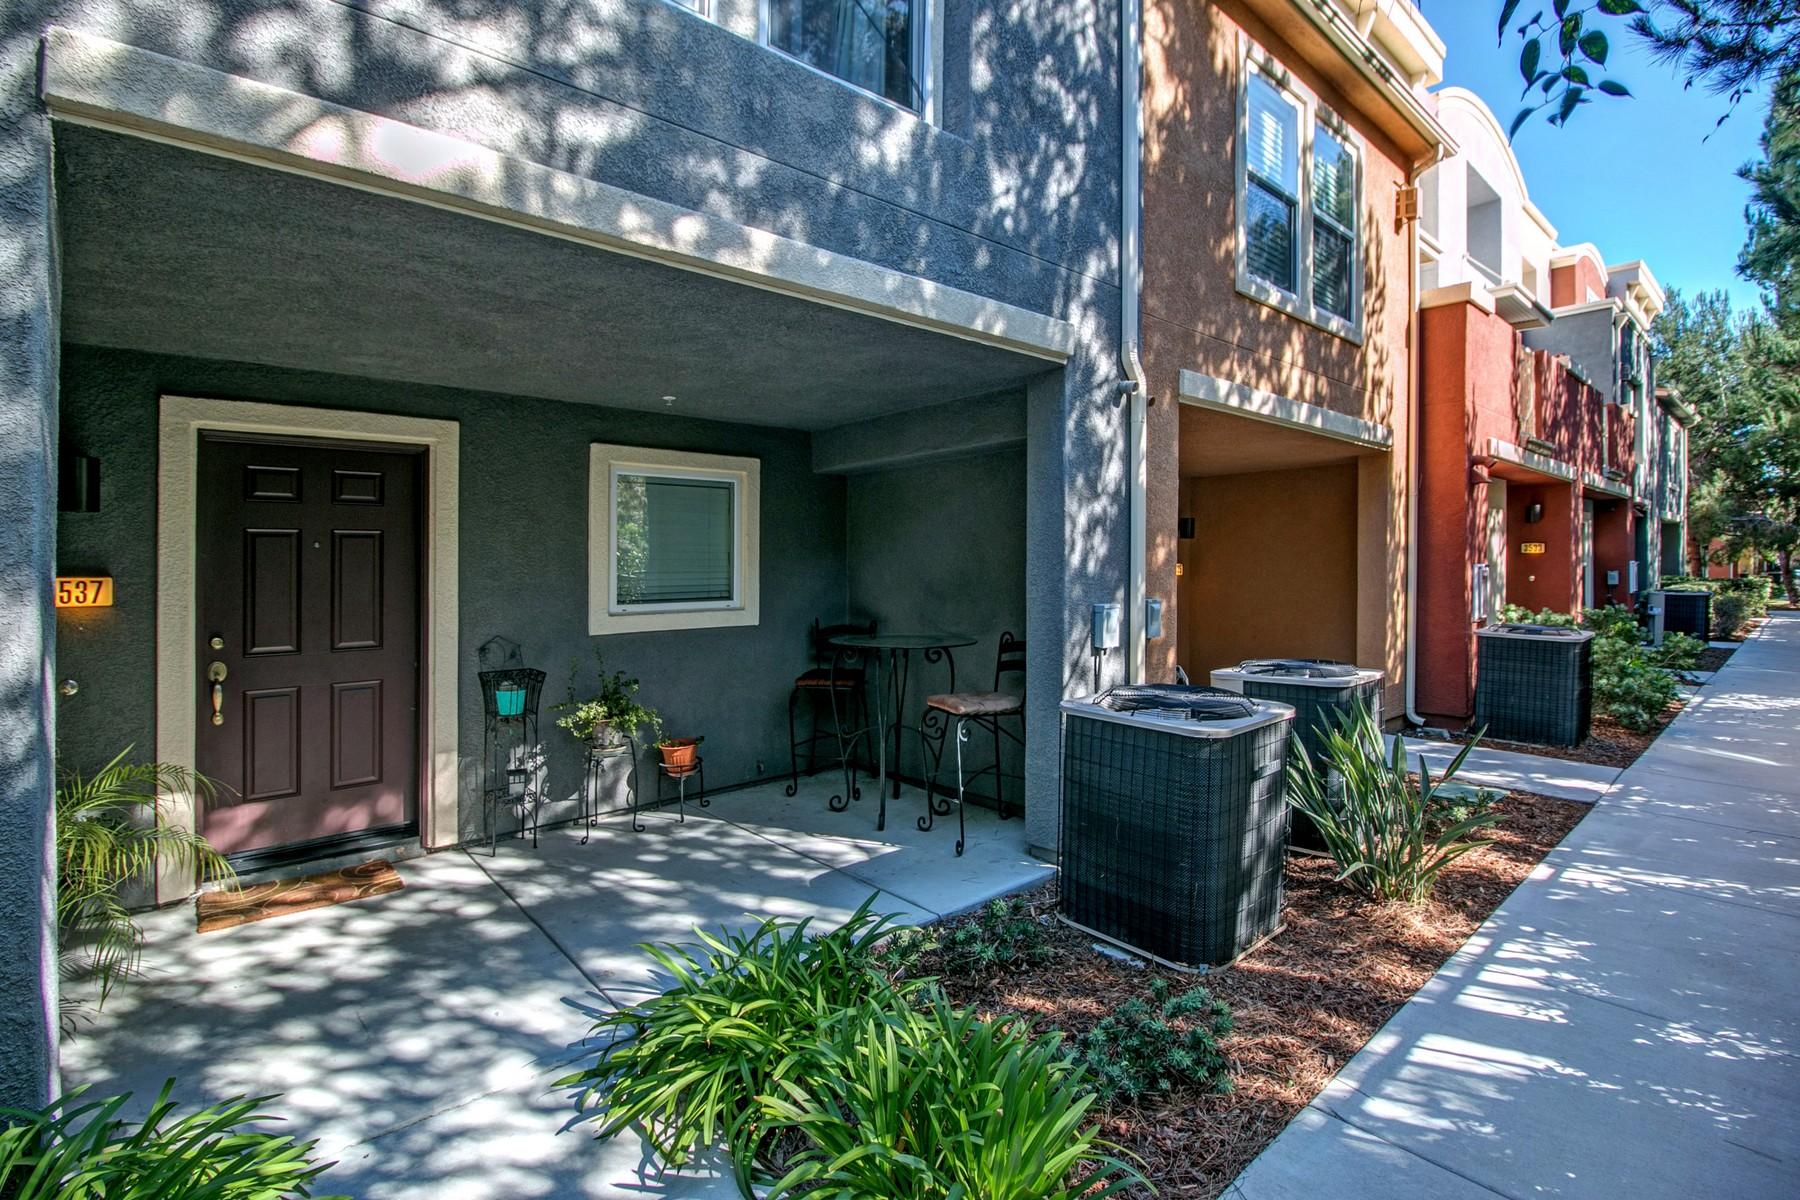 Villa per Vendita alle ore 3537 Sandcastle Lane San Diego, California 92110 Stati Uniti